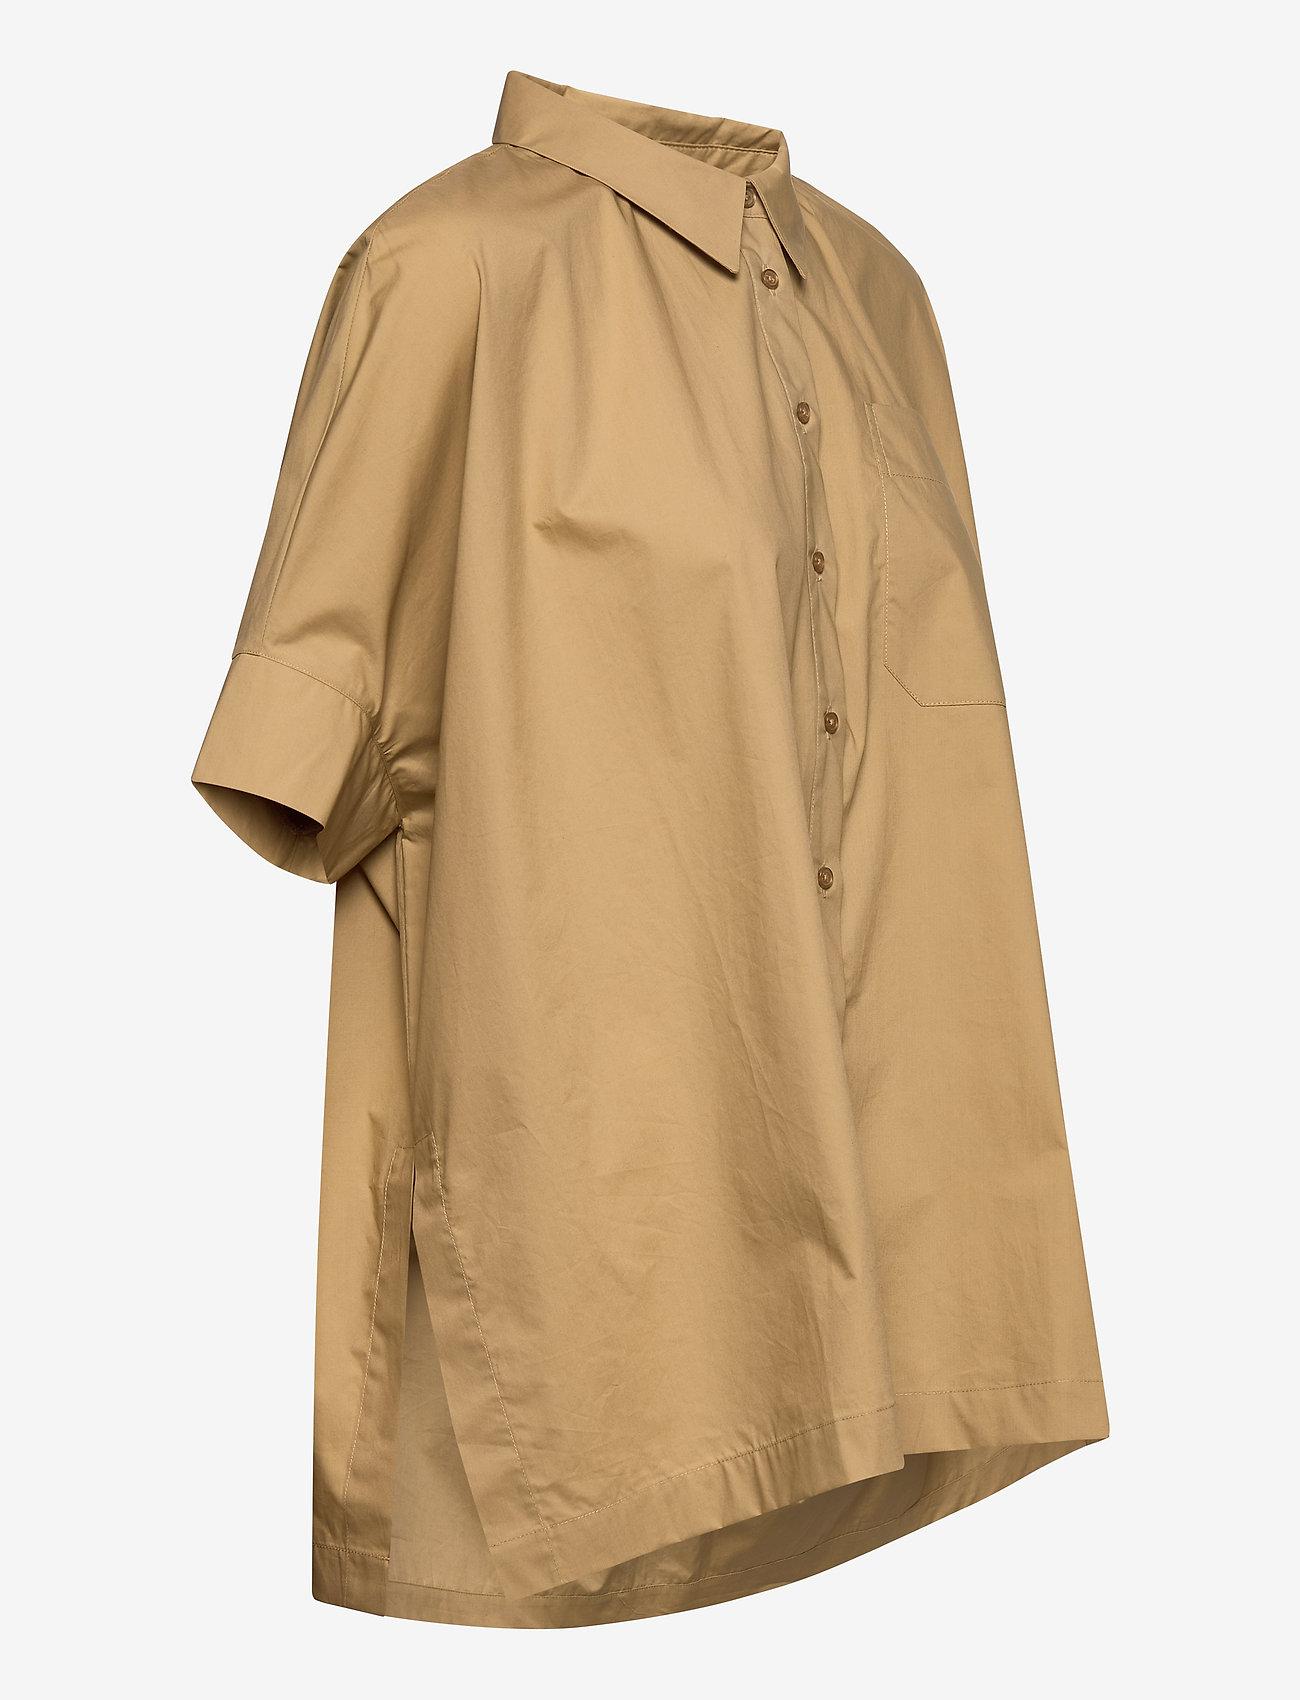 Just Female Moria shirt - Bluser & Skjorter KELP - Dameklær Spesialtilbud